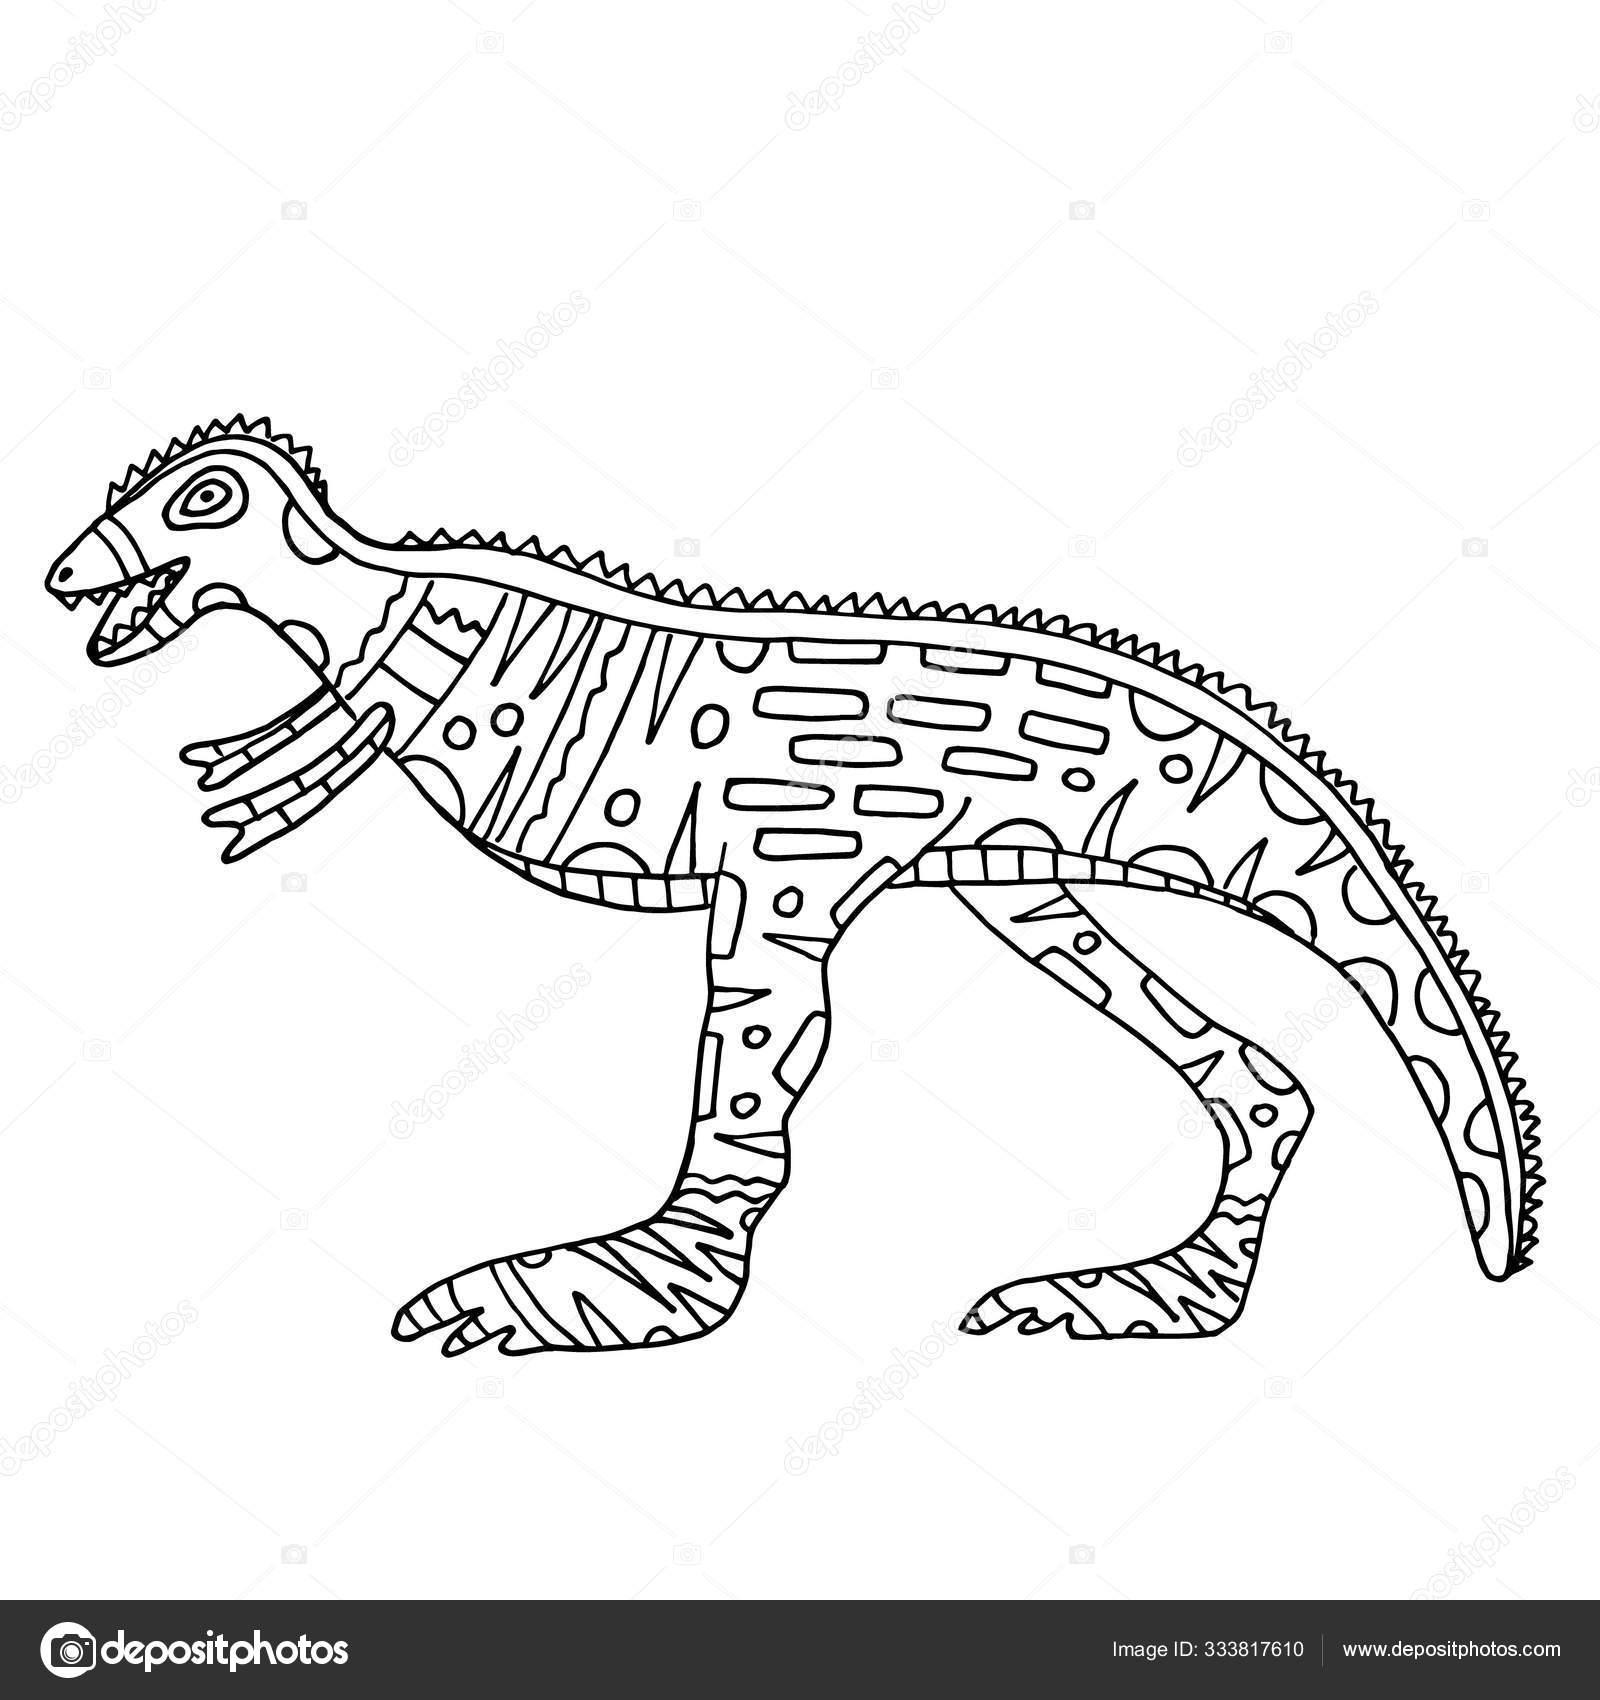 Dinozor Boyama Vektoru Cocuklar Yetiskinler Icin Boyama Kitabi